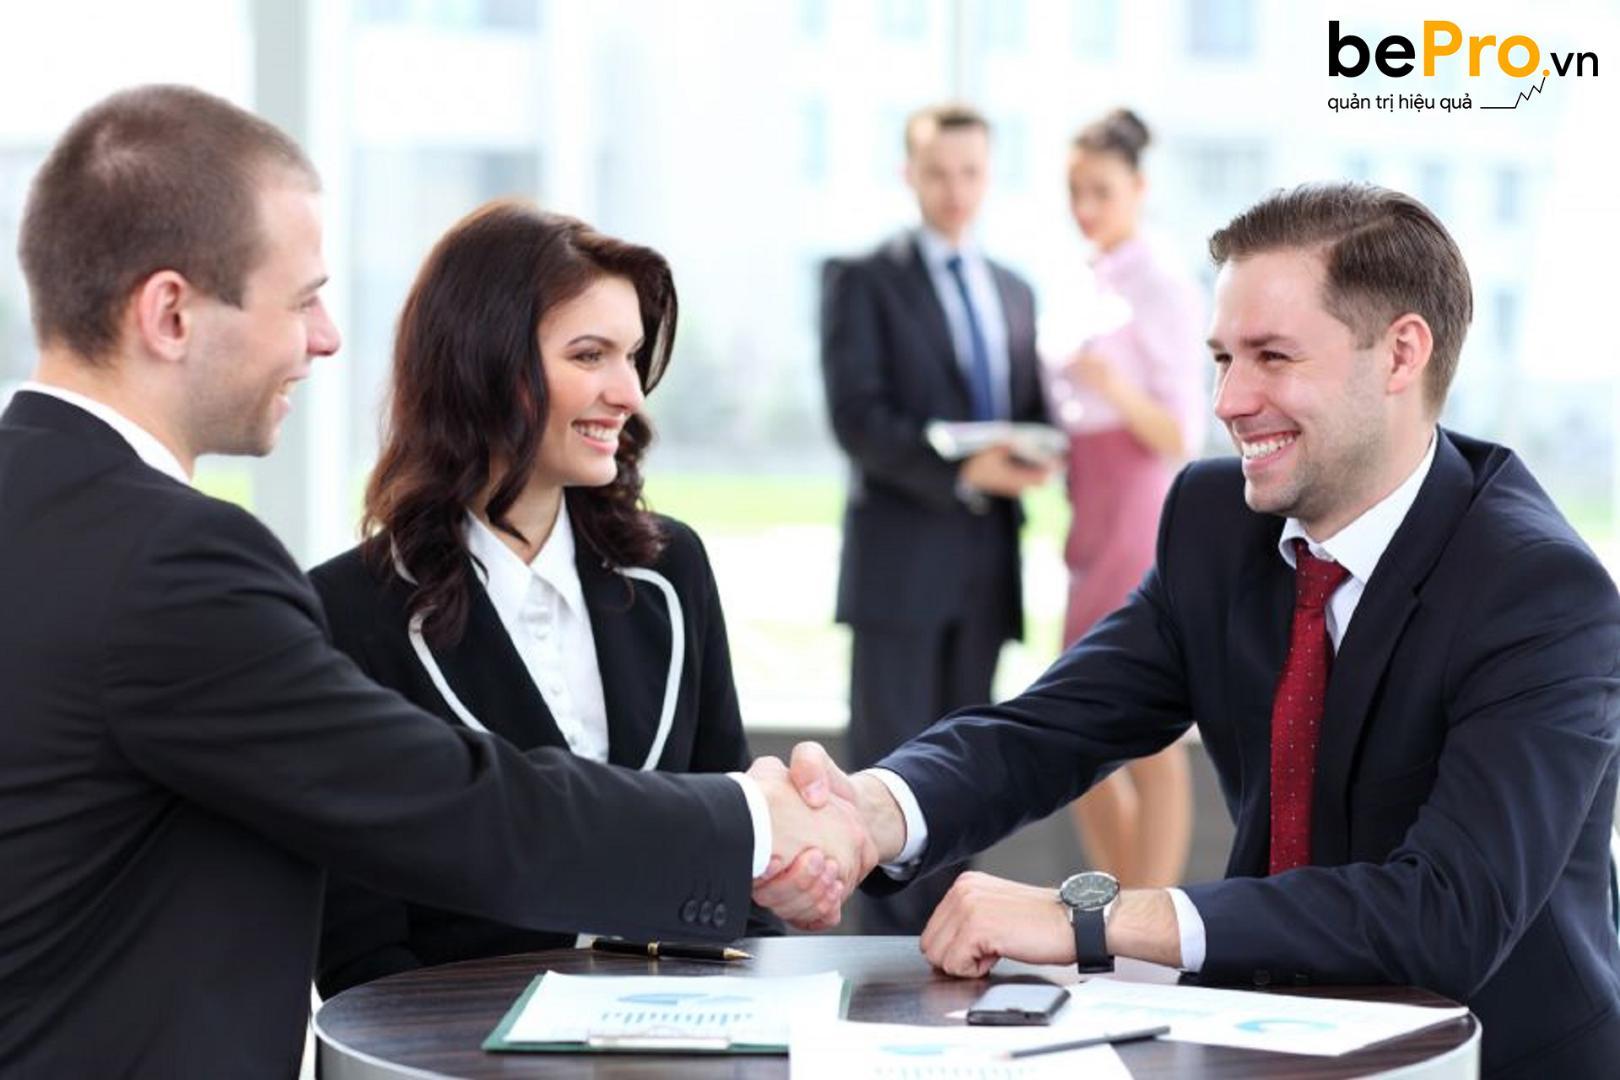 Kỹ năng giao tiếp với khách hàng dành cho kế toán